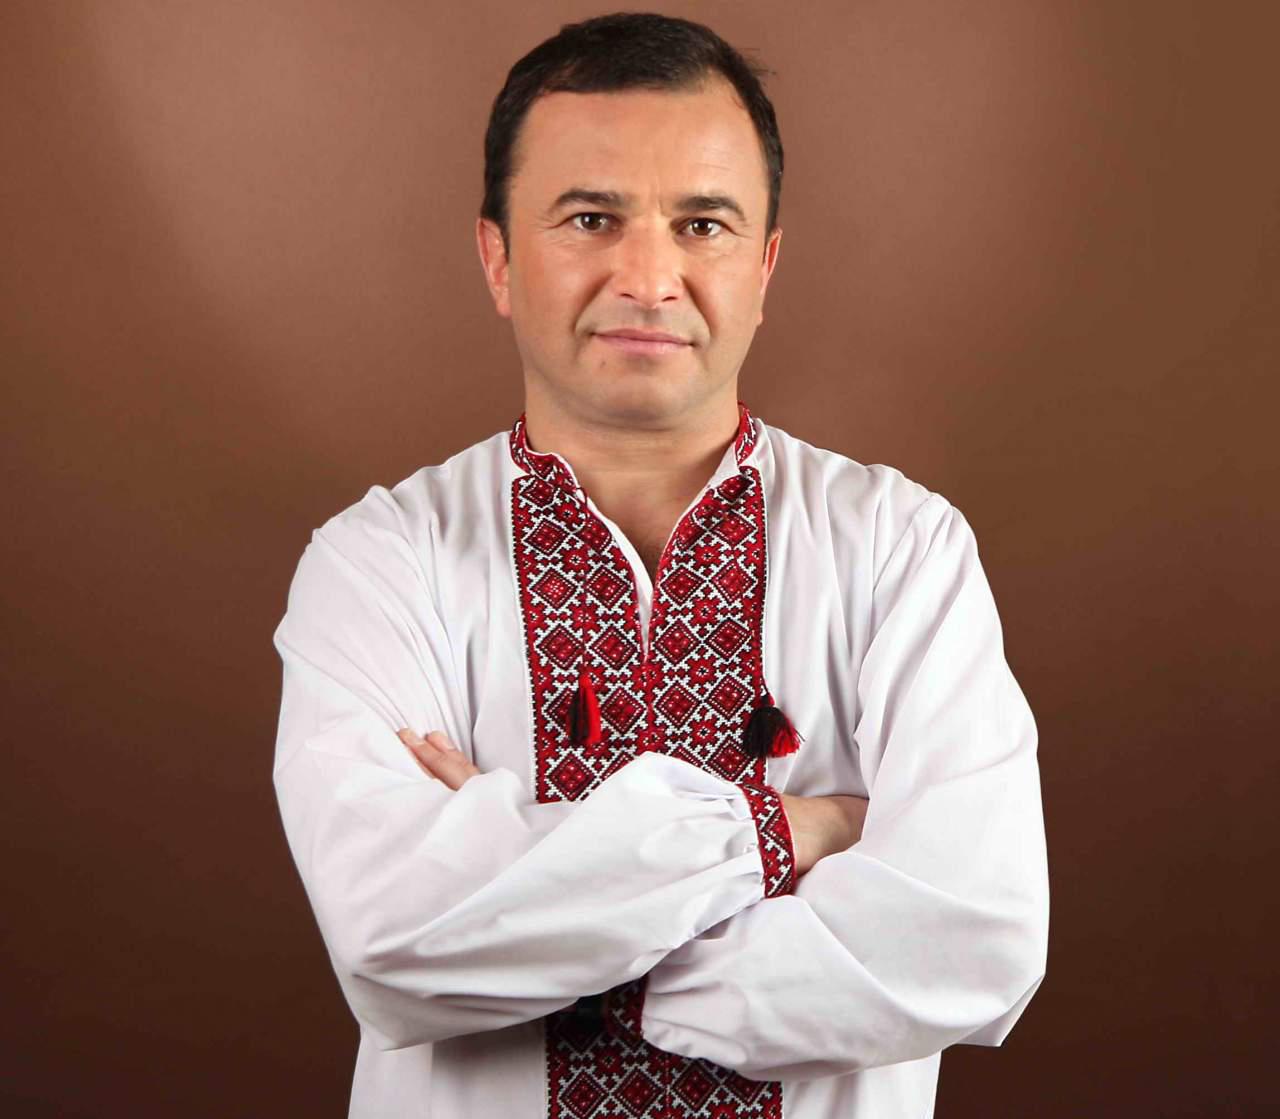 Народный артист Украины Виктор Павлик коротко об актуальных проблемах в Украине